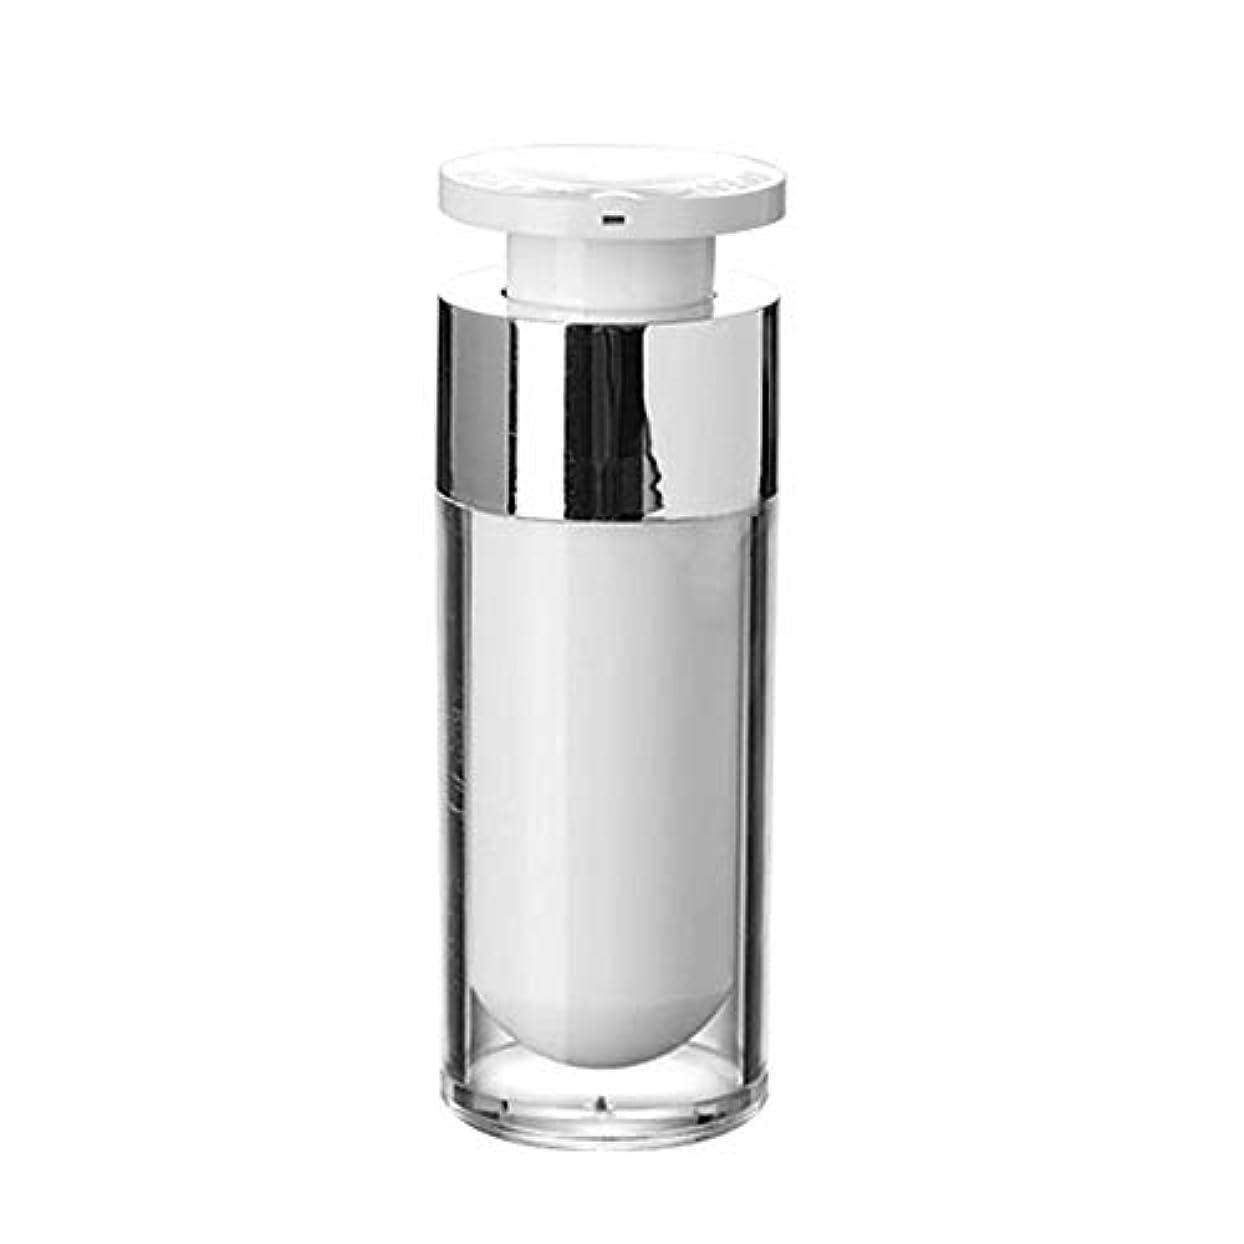 ドラッグ包帯うなずくOBEST 詰め替えボトル 真空ボトル ポンプタイプ エアレス プッシュボトル 乳液 小分け容器 プラスチック 携帯用 花粉対応 旅行用(30ML) (ポンプ式)